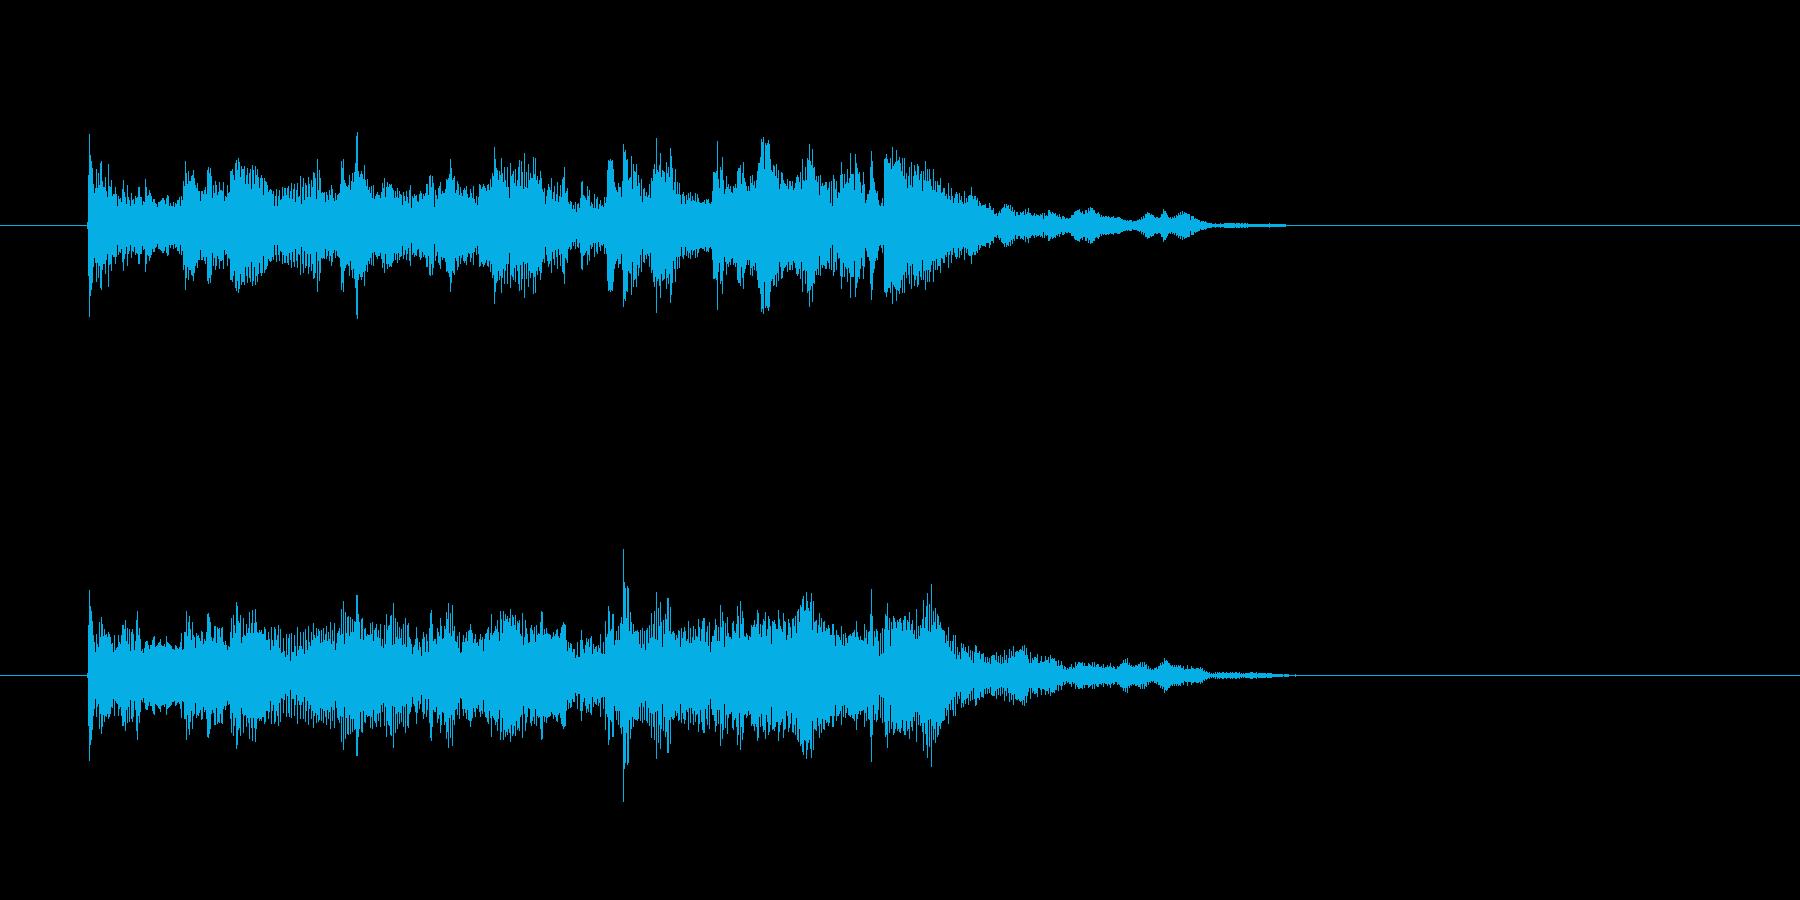 ヴィブラフォン 鉄琴 ジャズ 大人の再生済みの波形